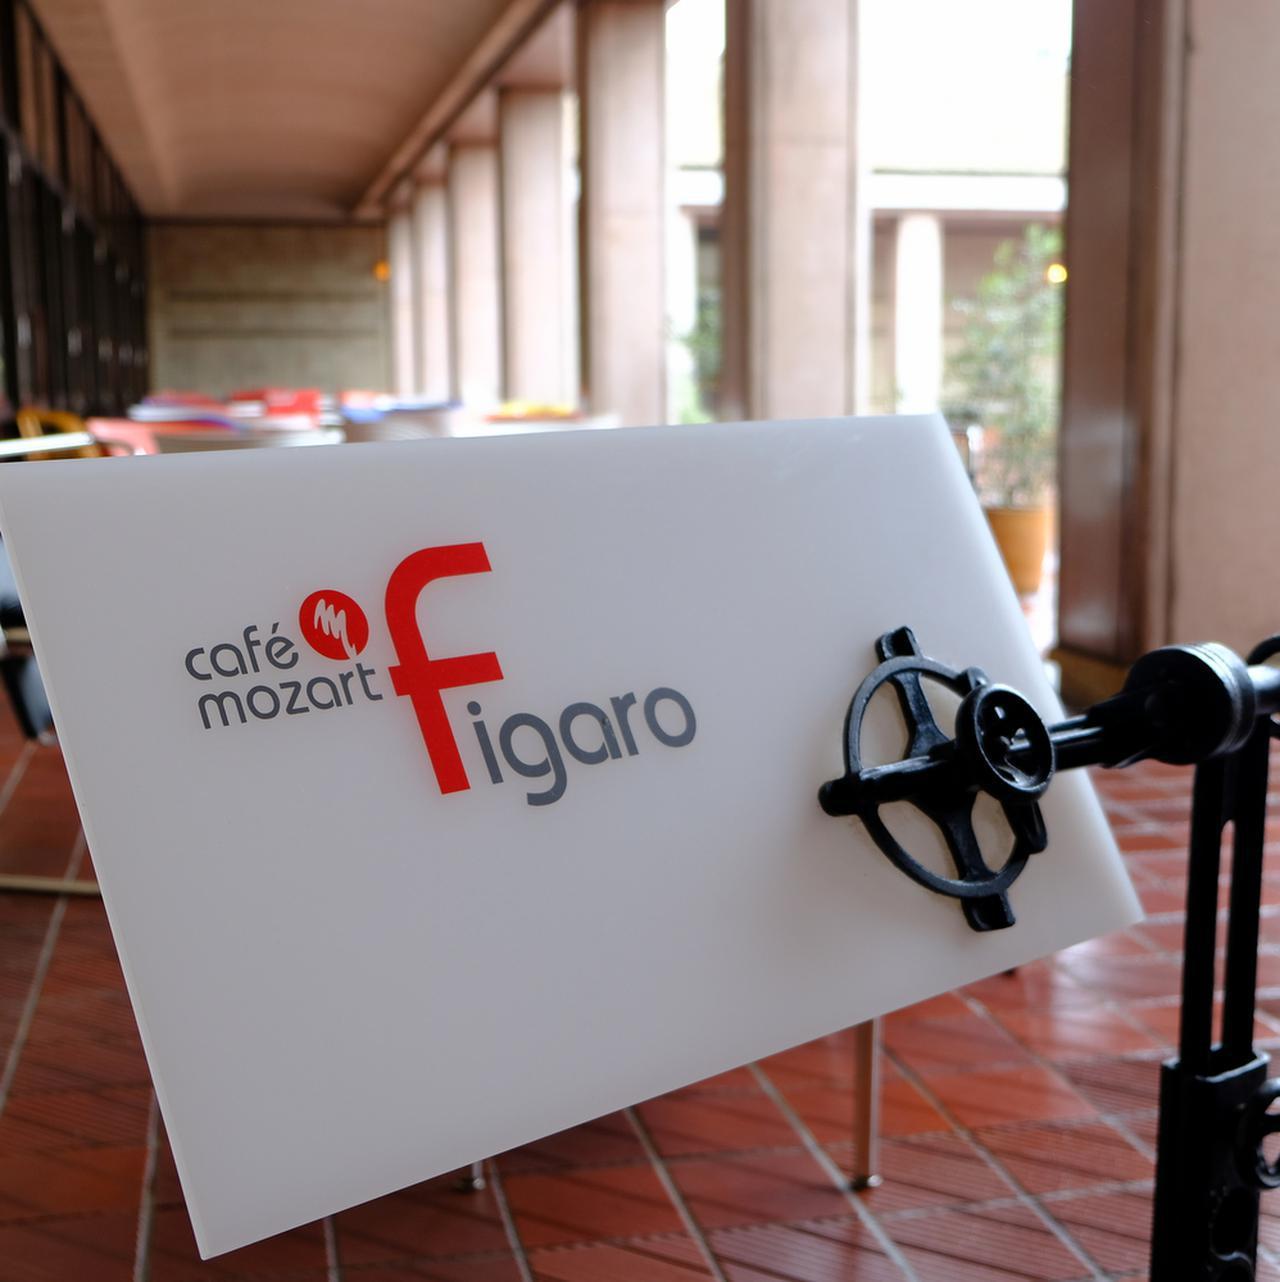 画像: 美術館に併設するミュージアムカフェ「カフェモーツァルト フィガロ」。